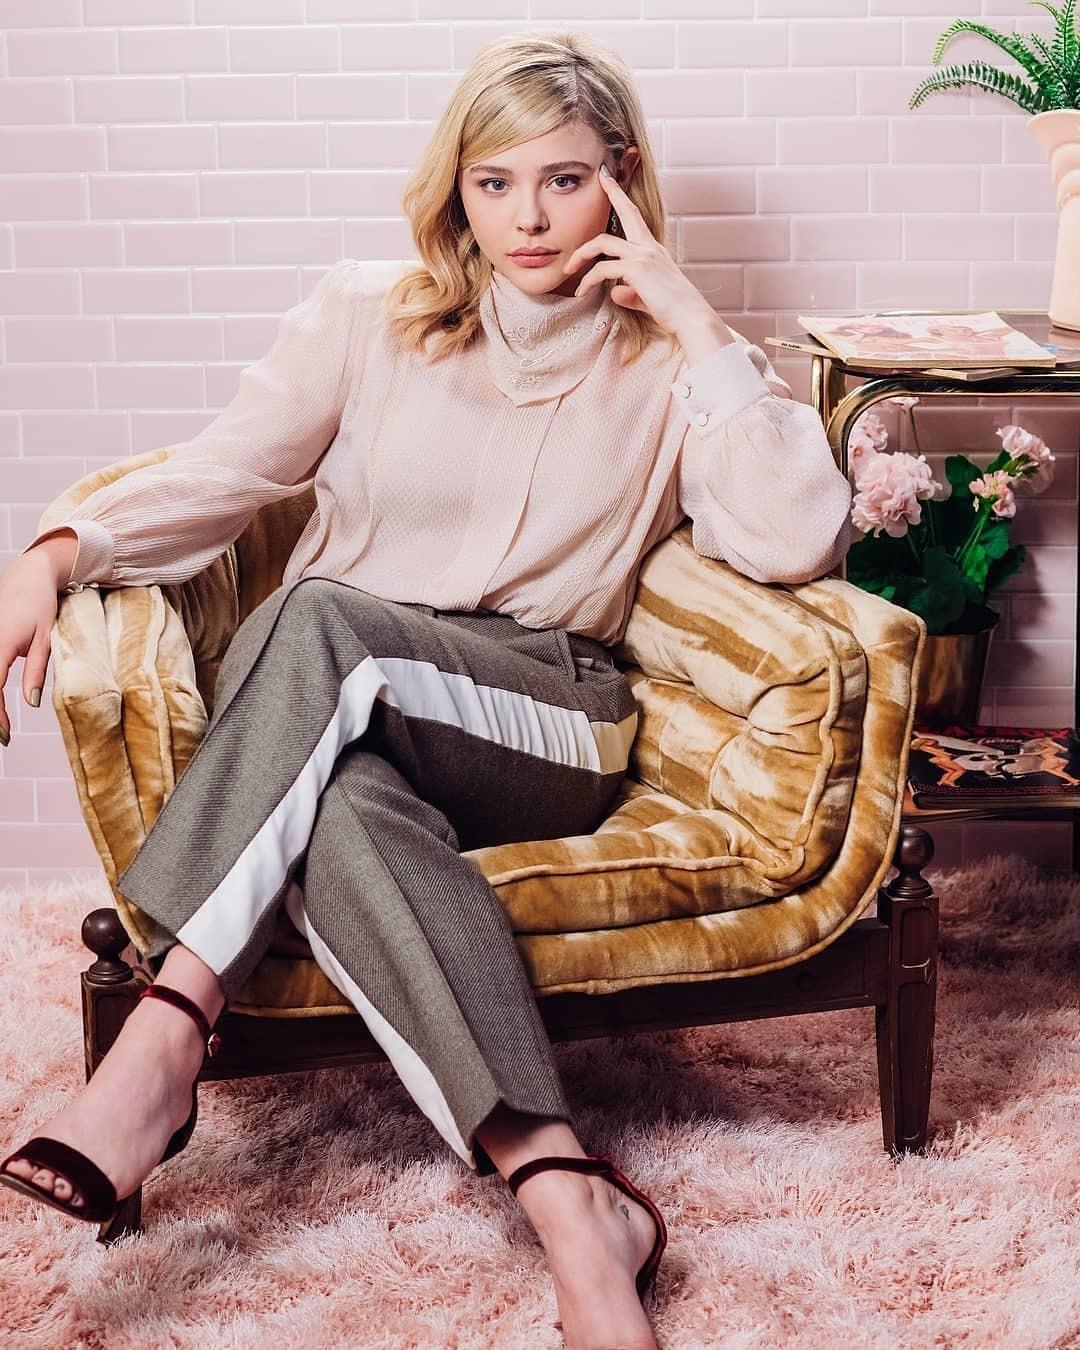 Feet Chloe Moretz nude photos 2019